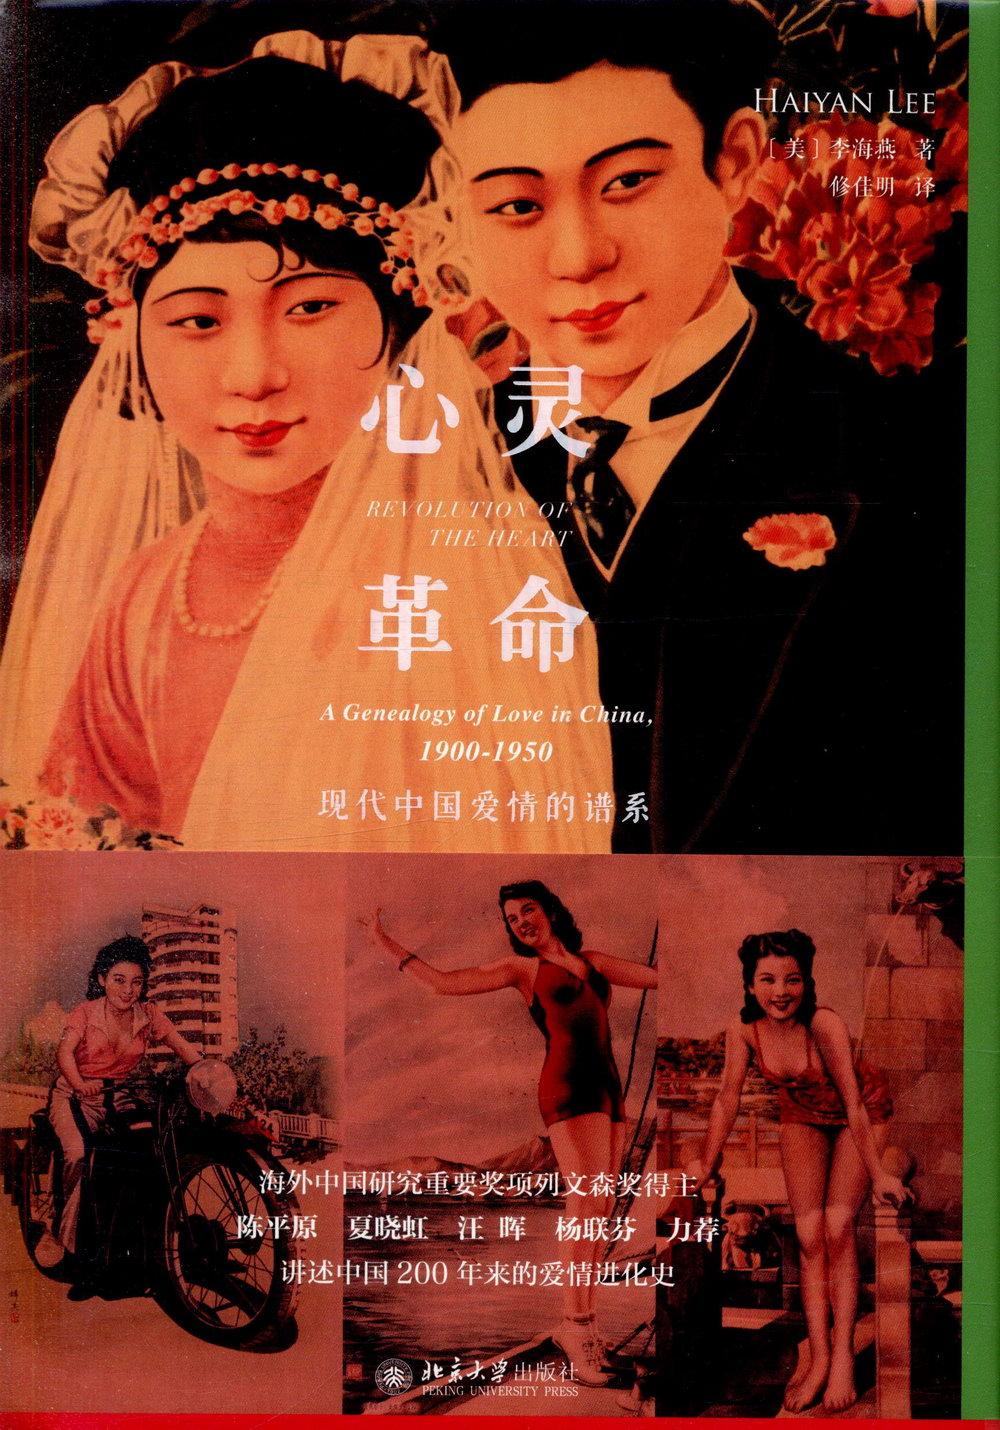 心靈革命:現代中國愛情的譜系(1900-1950)